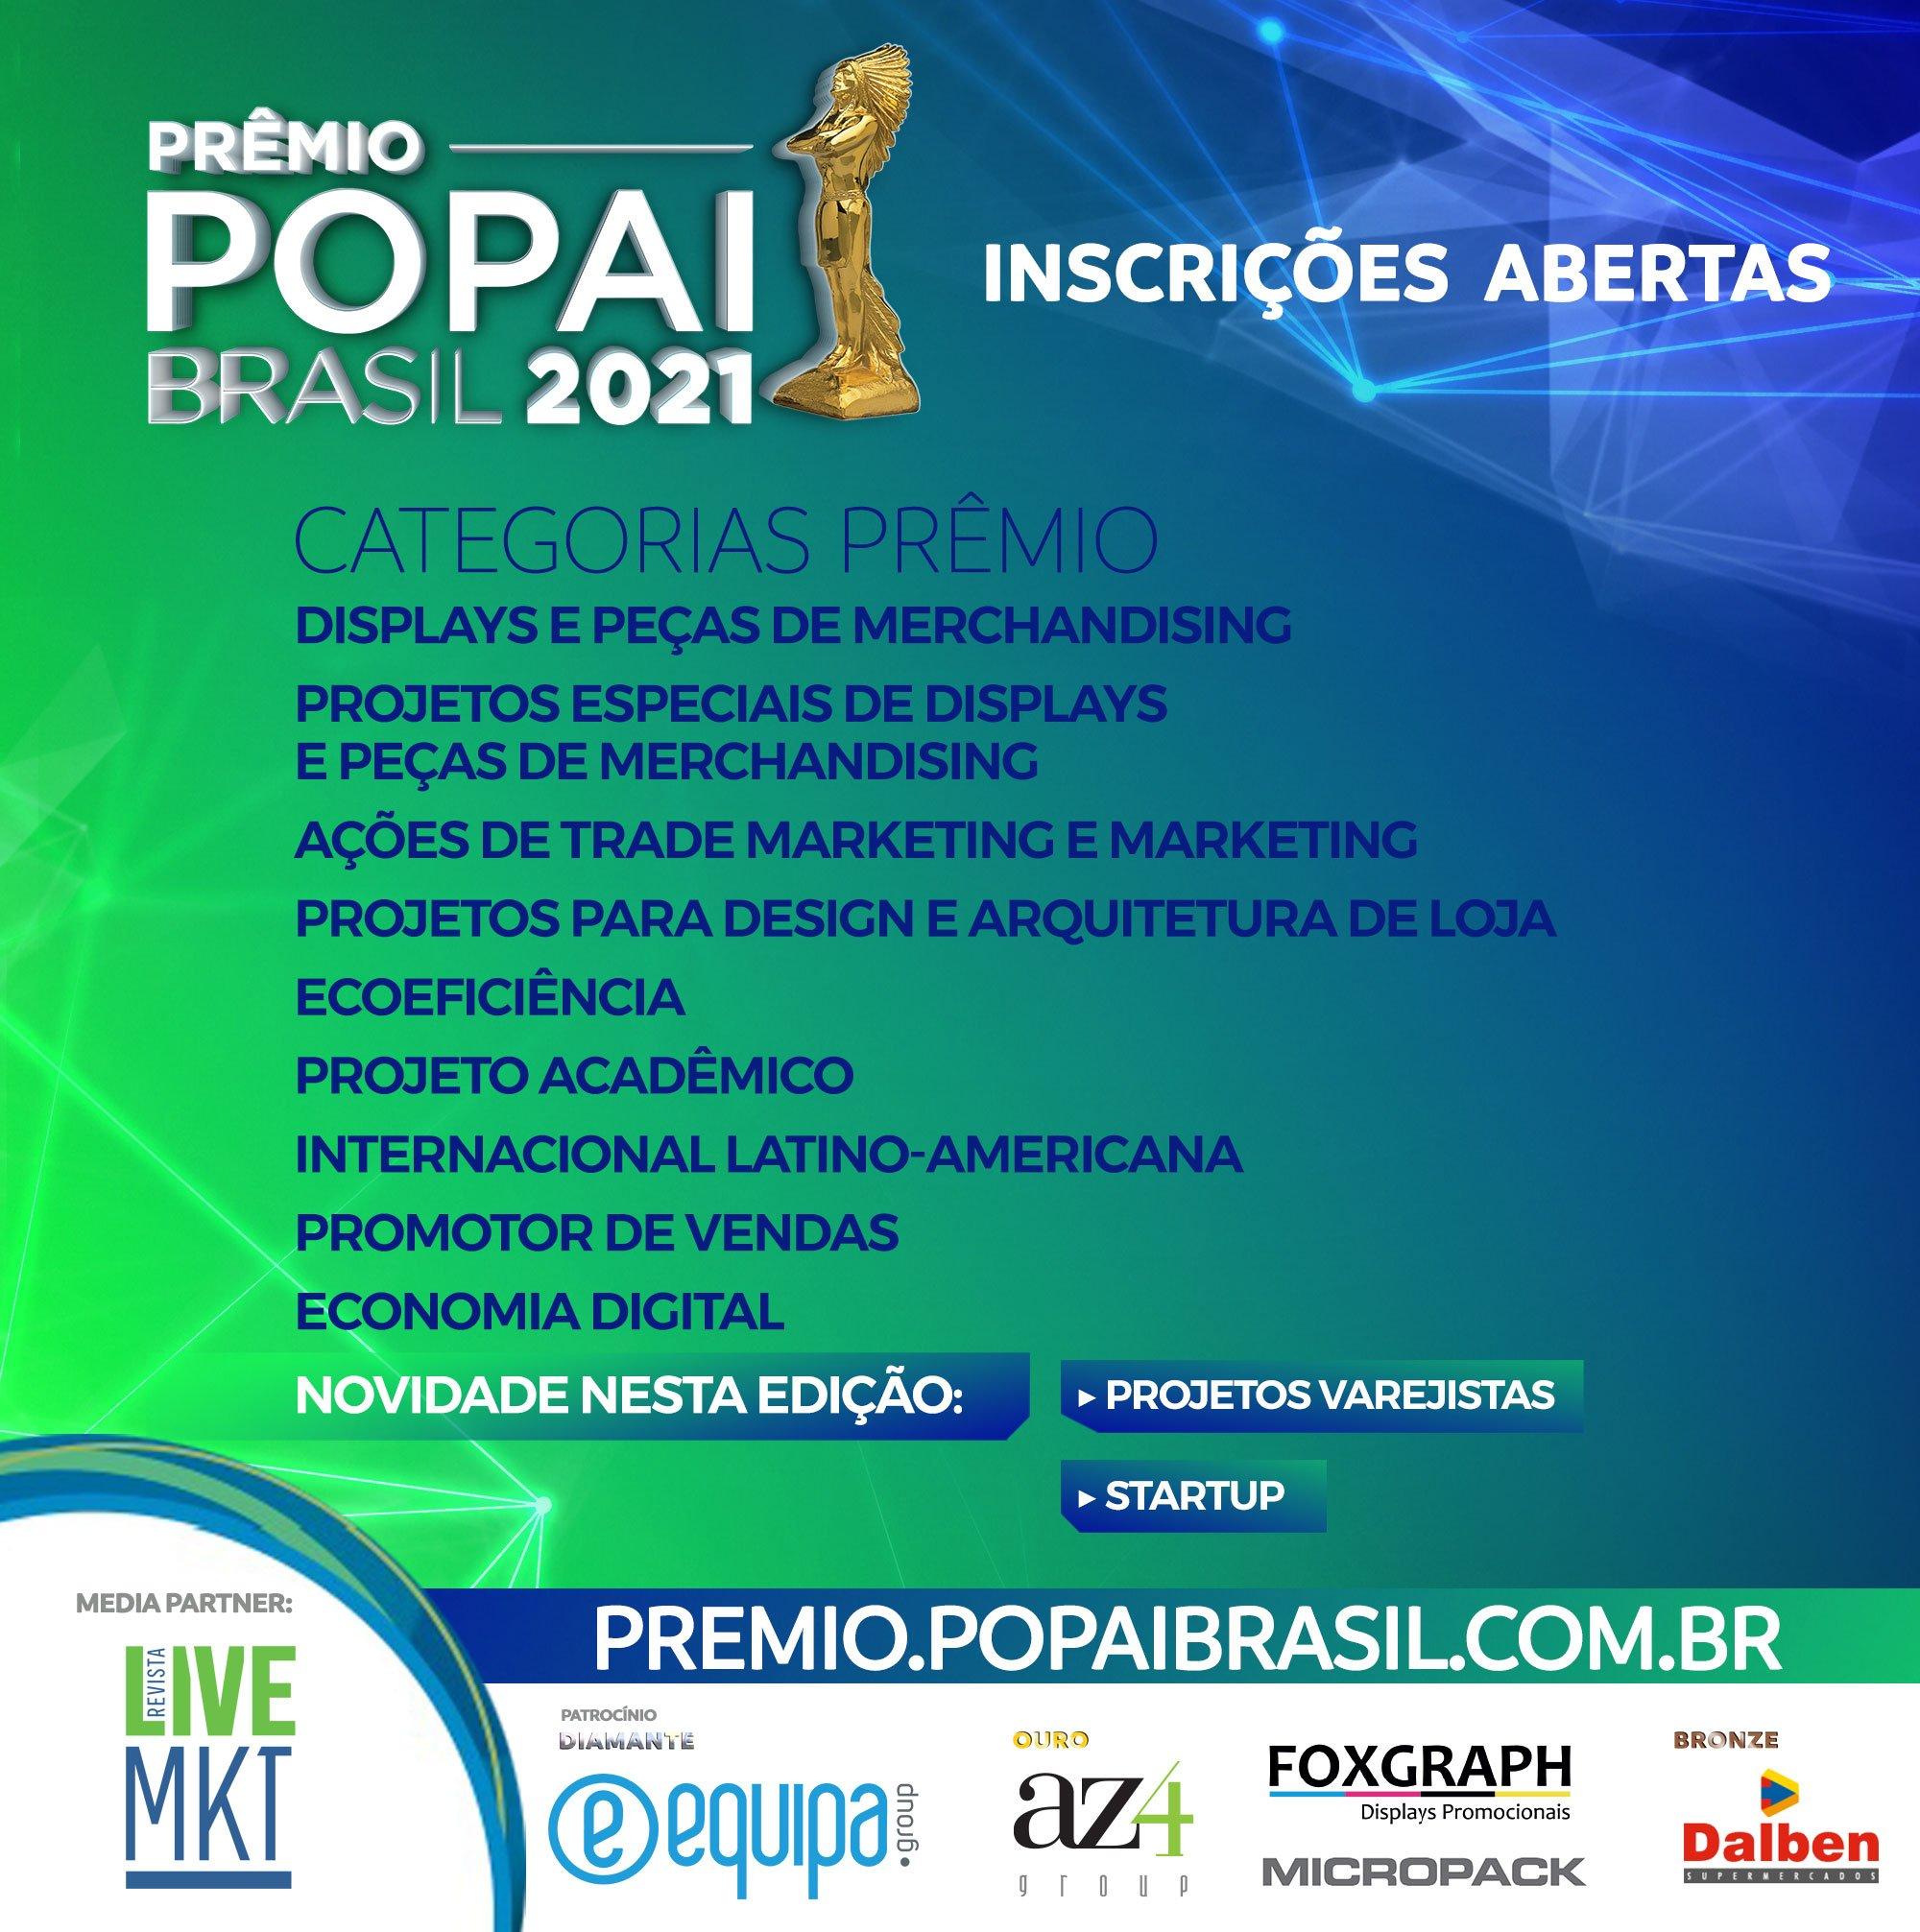 Divulgação Categorias Prêmio POPAI 2021